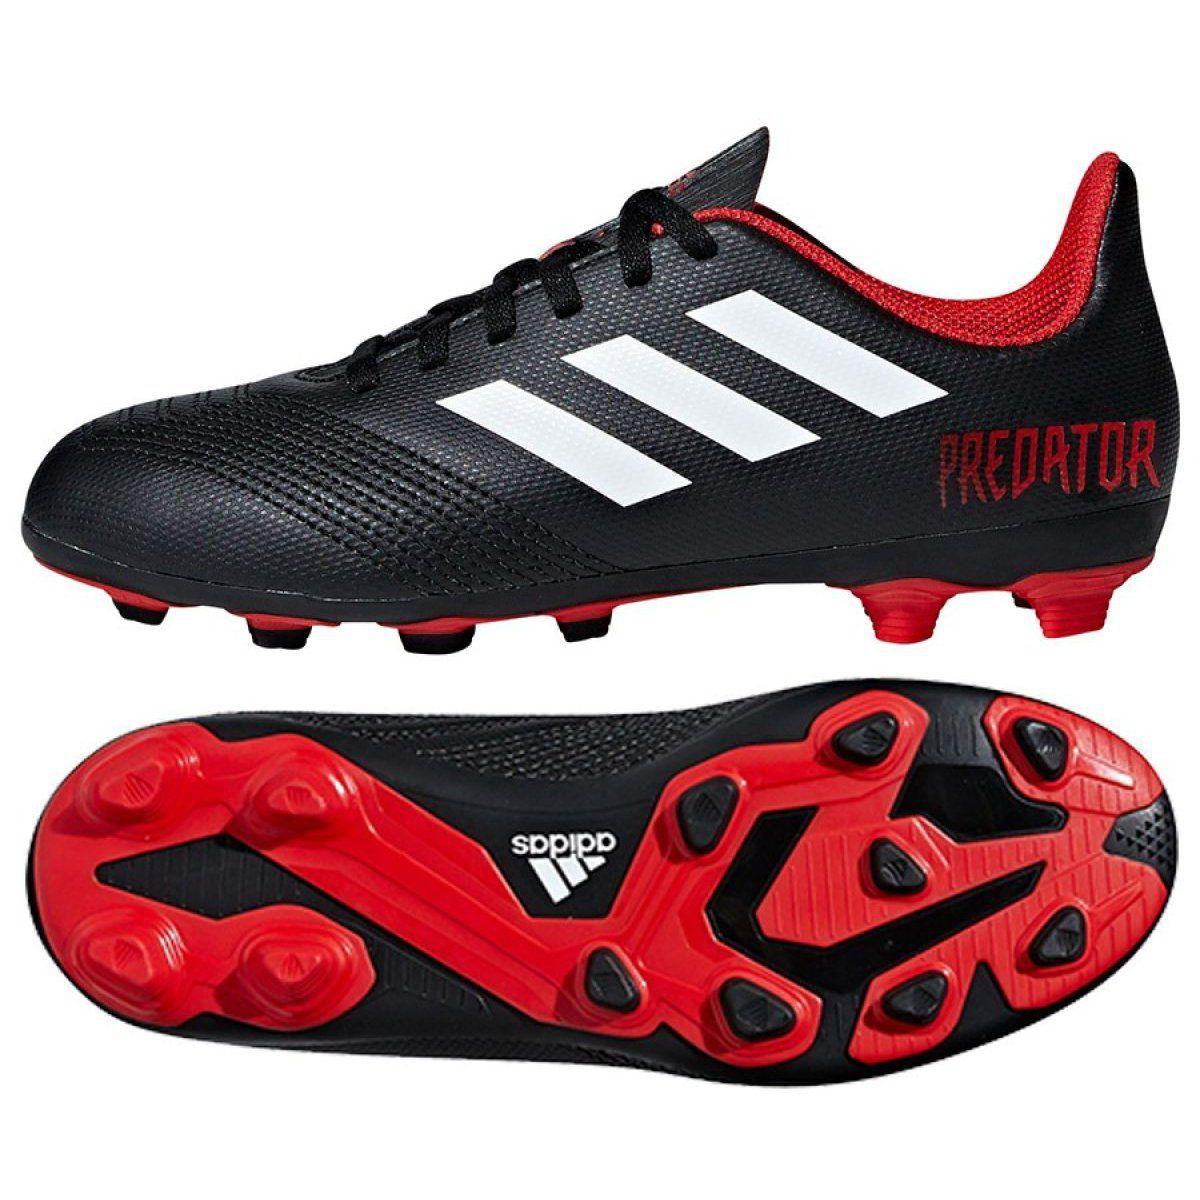 Football Boots Adidas Predator 18 4 Fxg J Jr Db2323 Black Multicolored Adidas Predator Football Boots Football Shoes